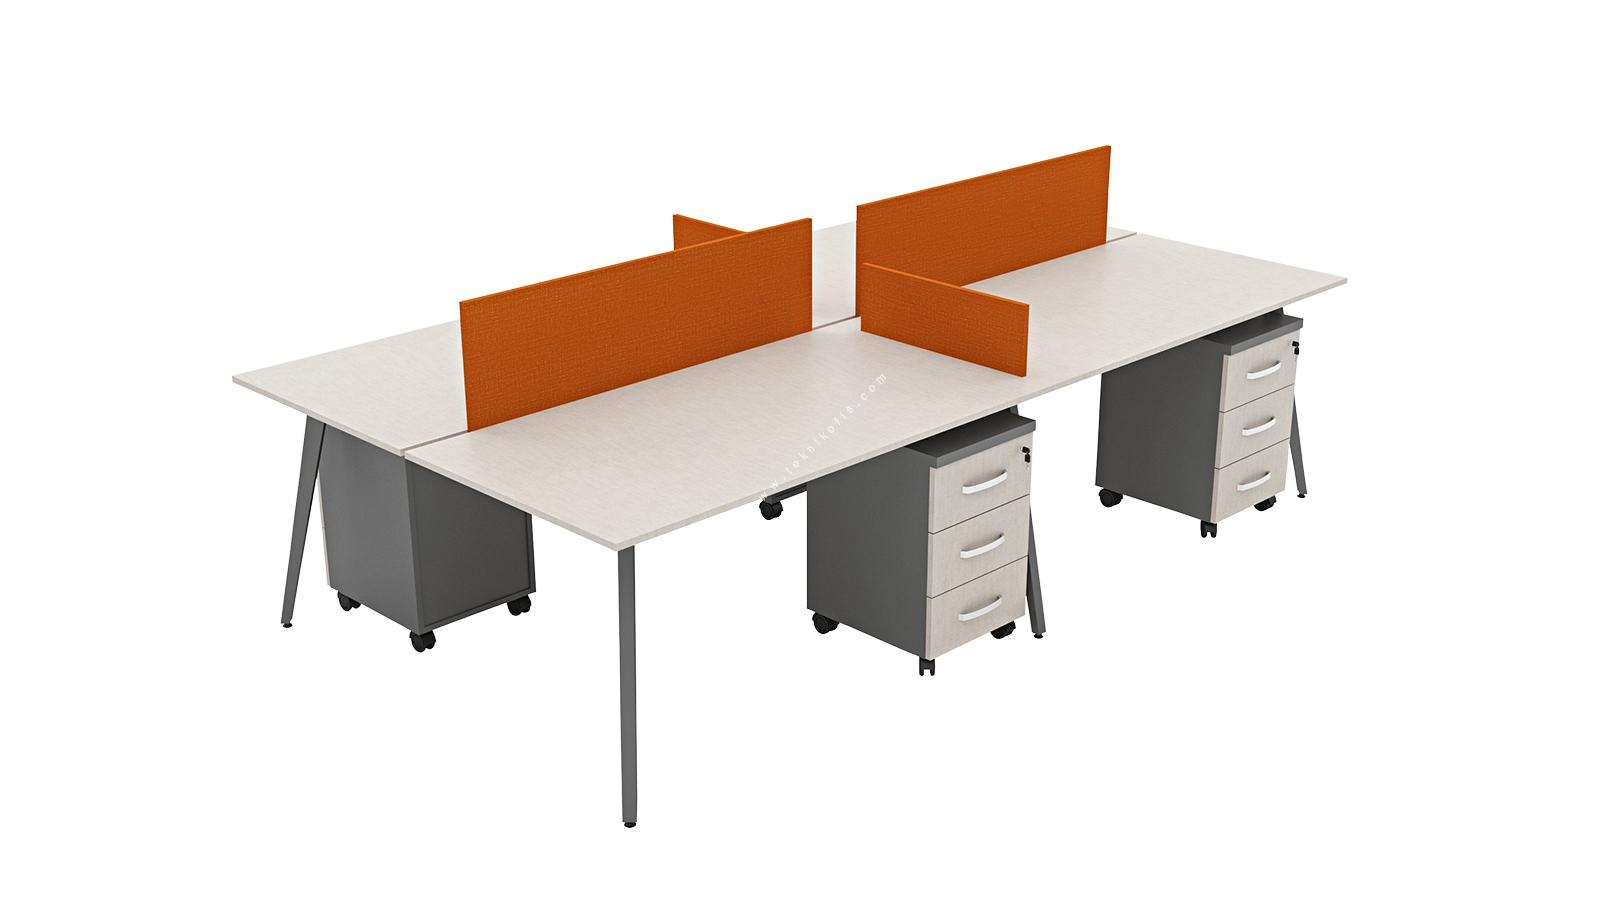 fanovawork dörtlü workstation 320cm